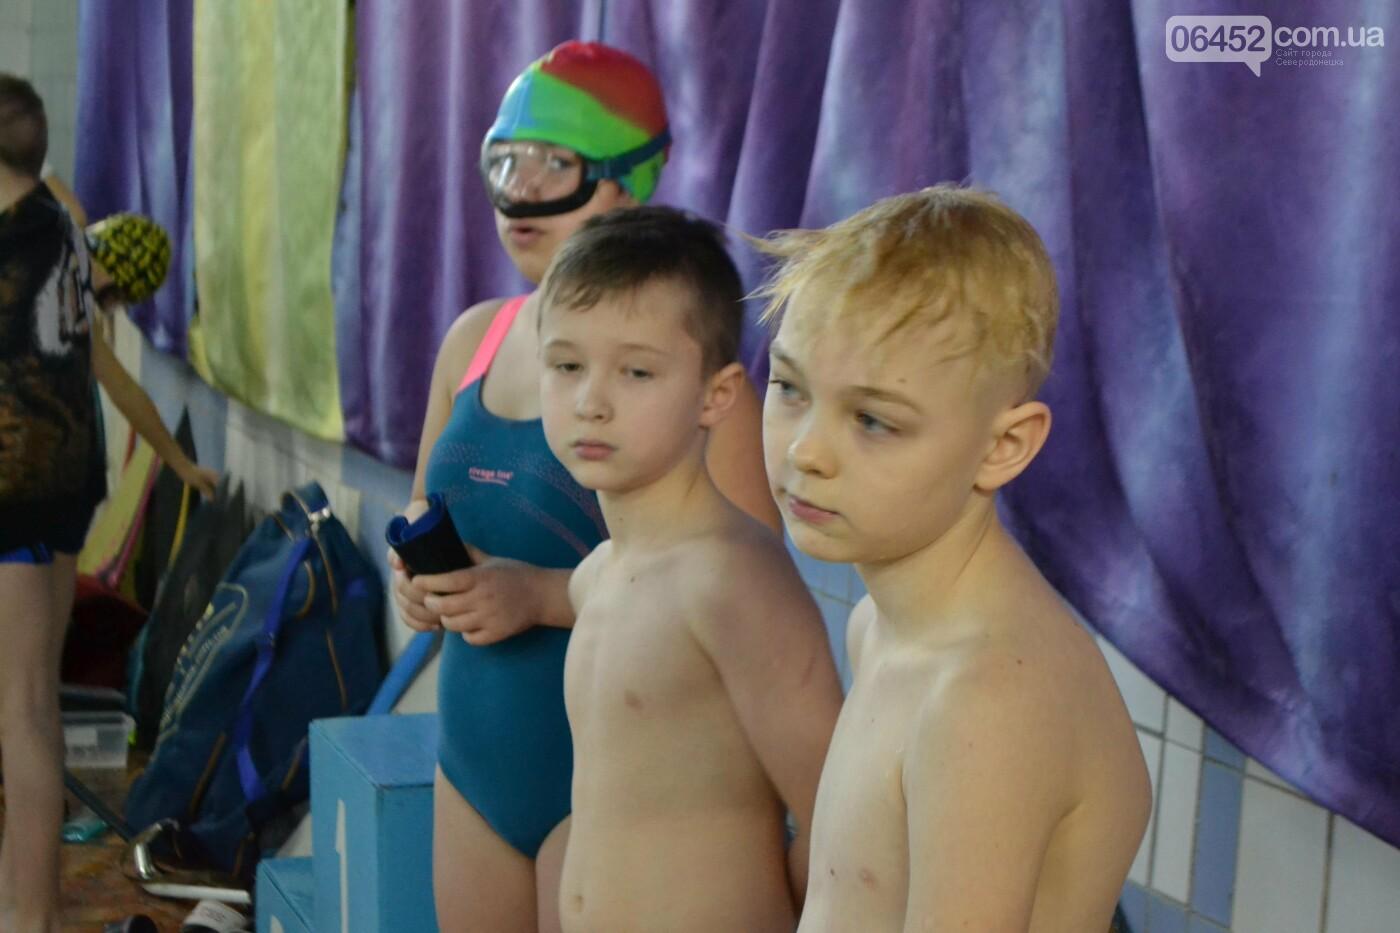 В Северодонецке проходит Чемпионат области по подводным видам спорта (фото, видео) , фото-5